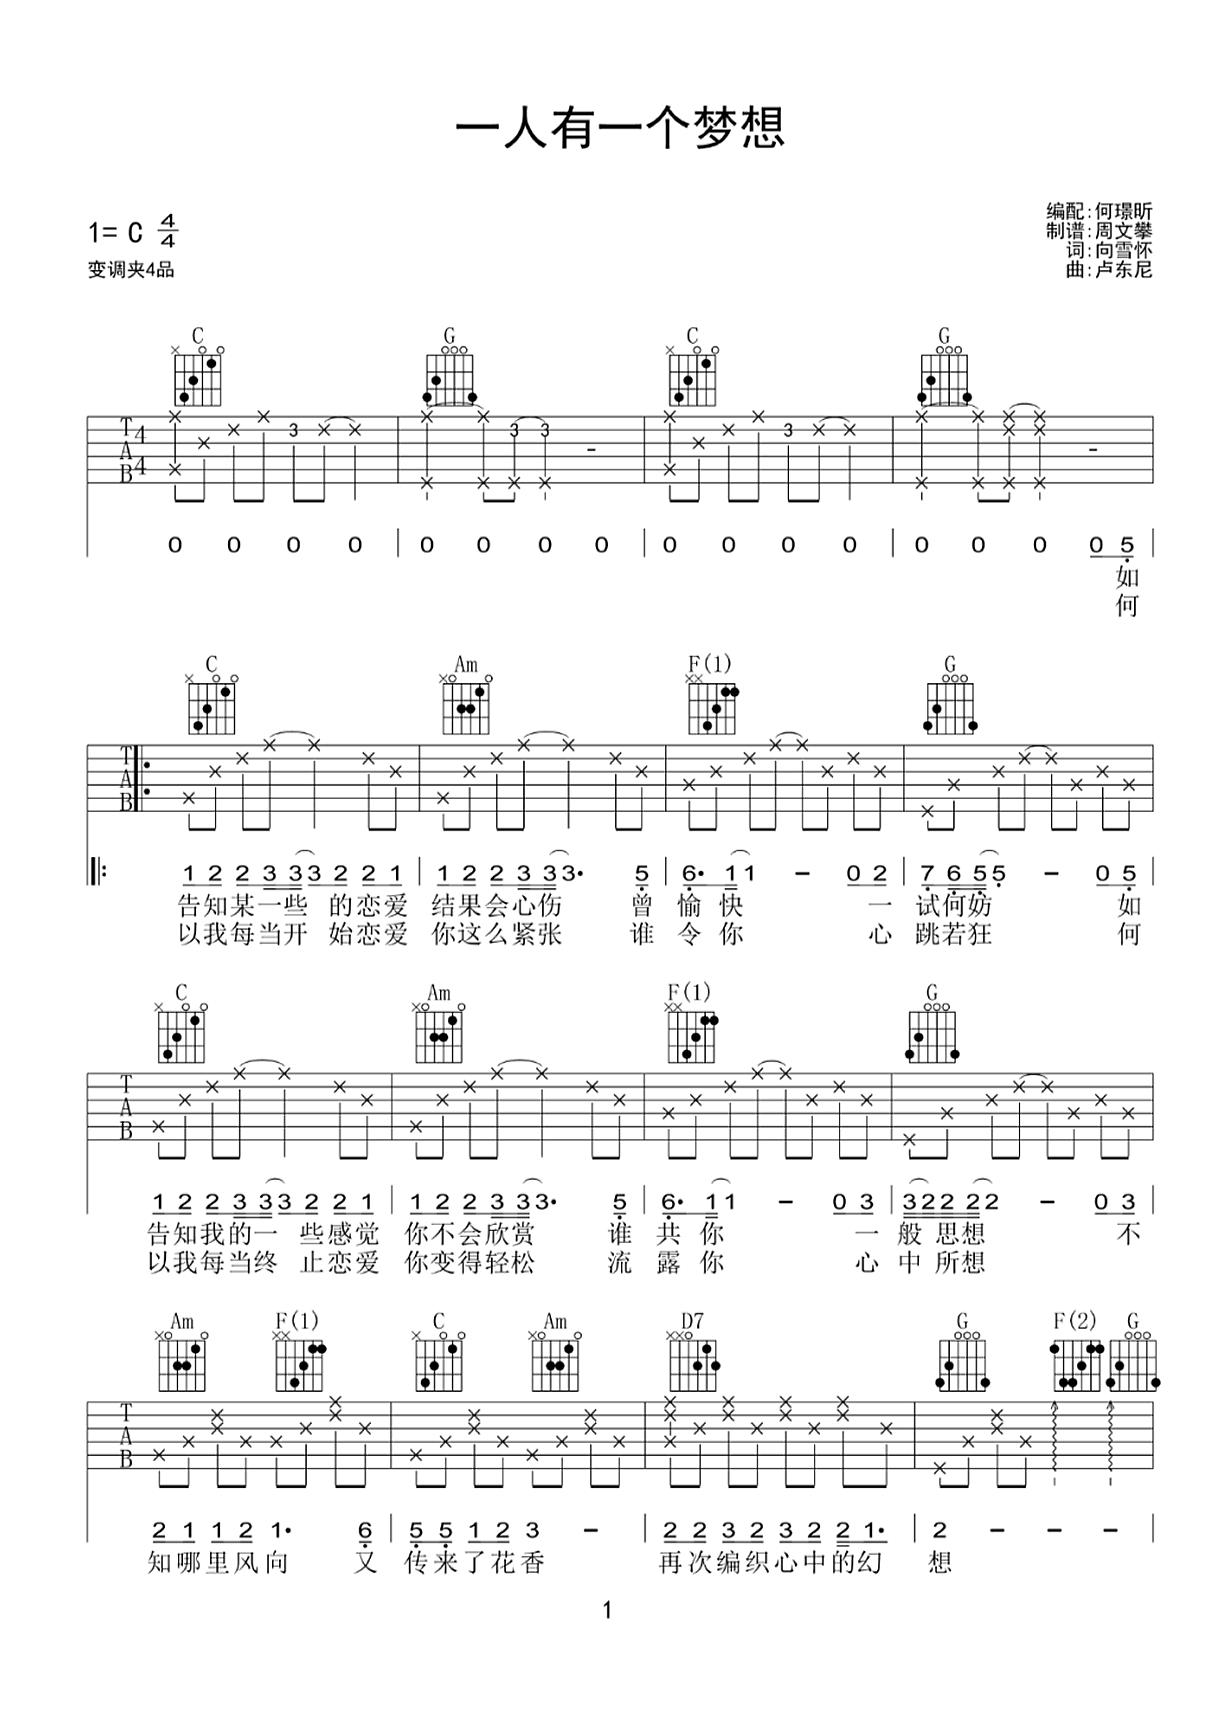 黎瑞恩-一人有一个梦想吉他谱1